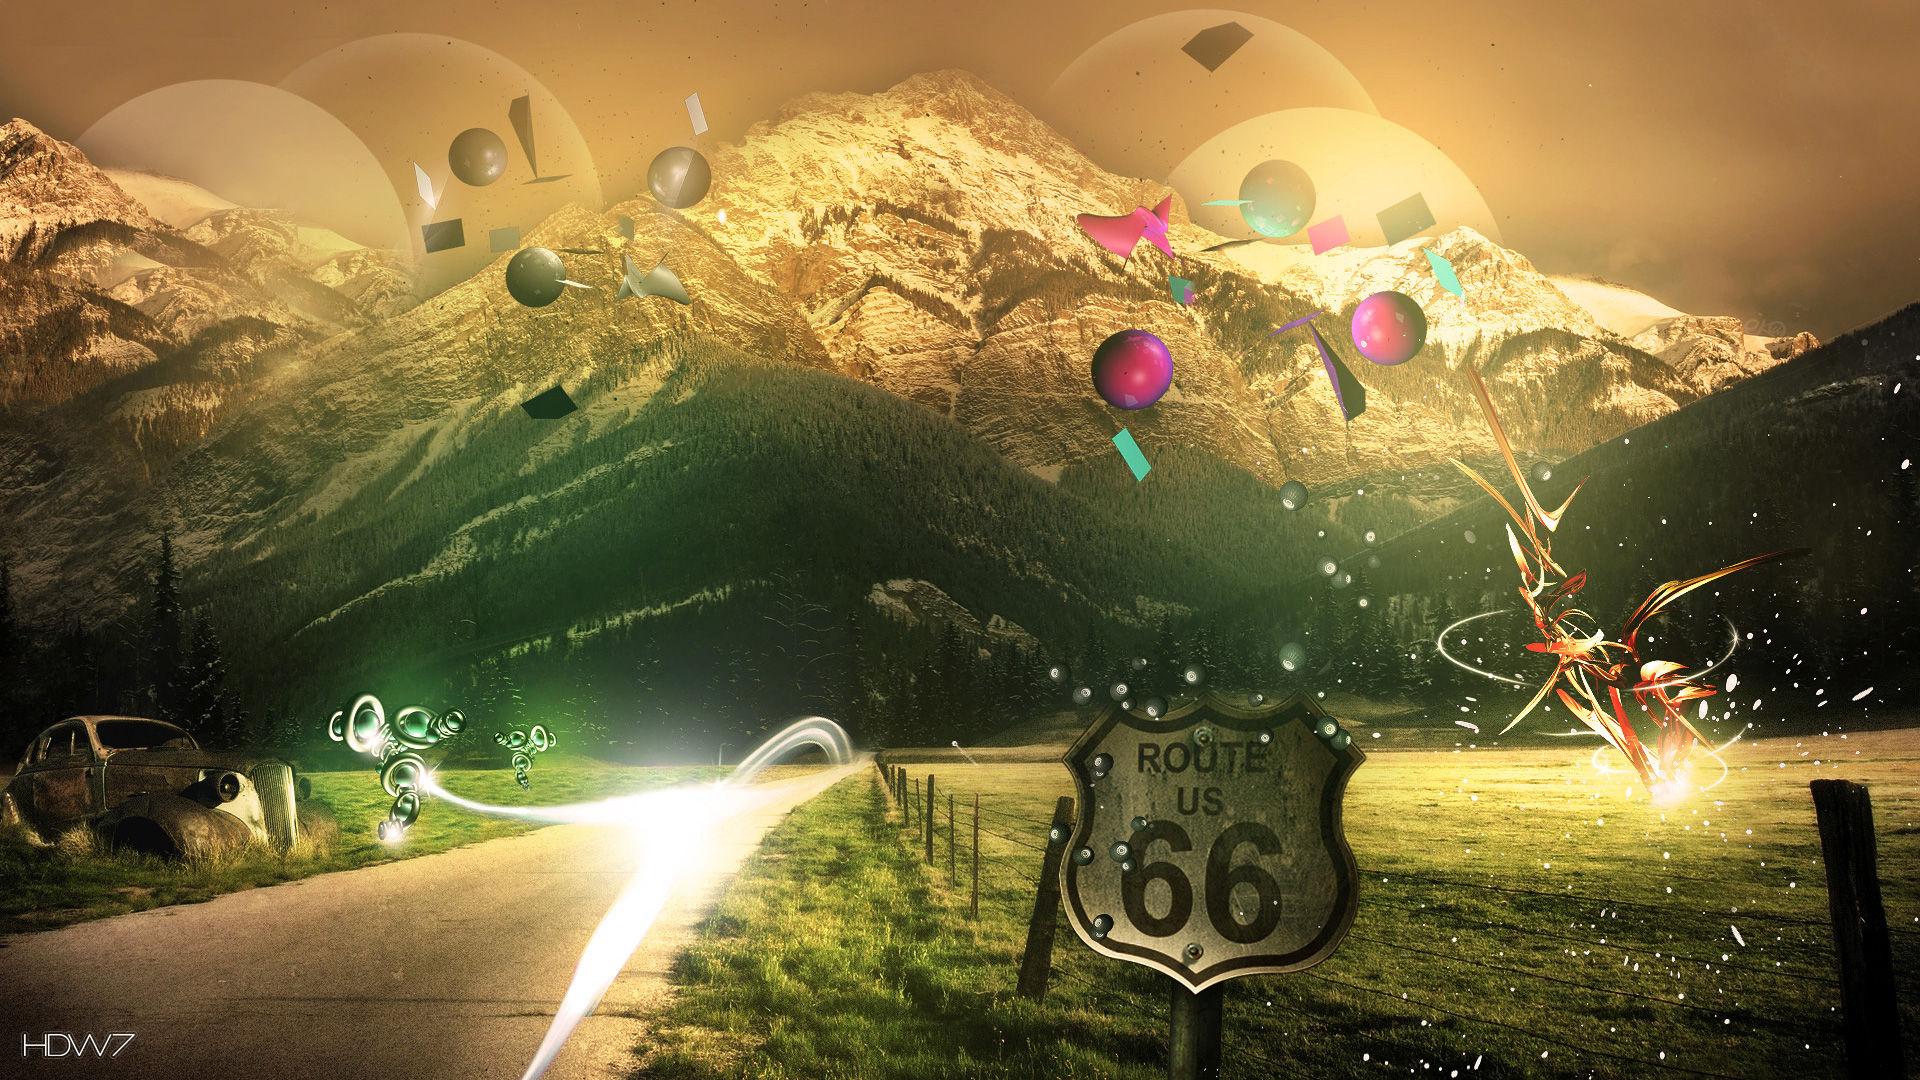 fantasy-route-66-1920x1080